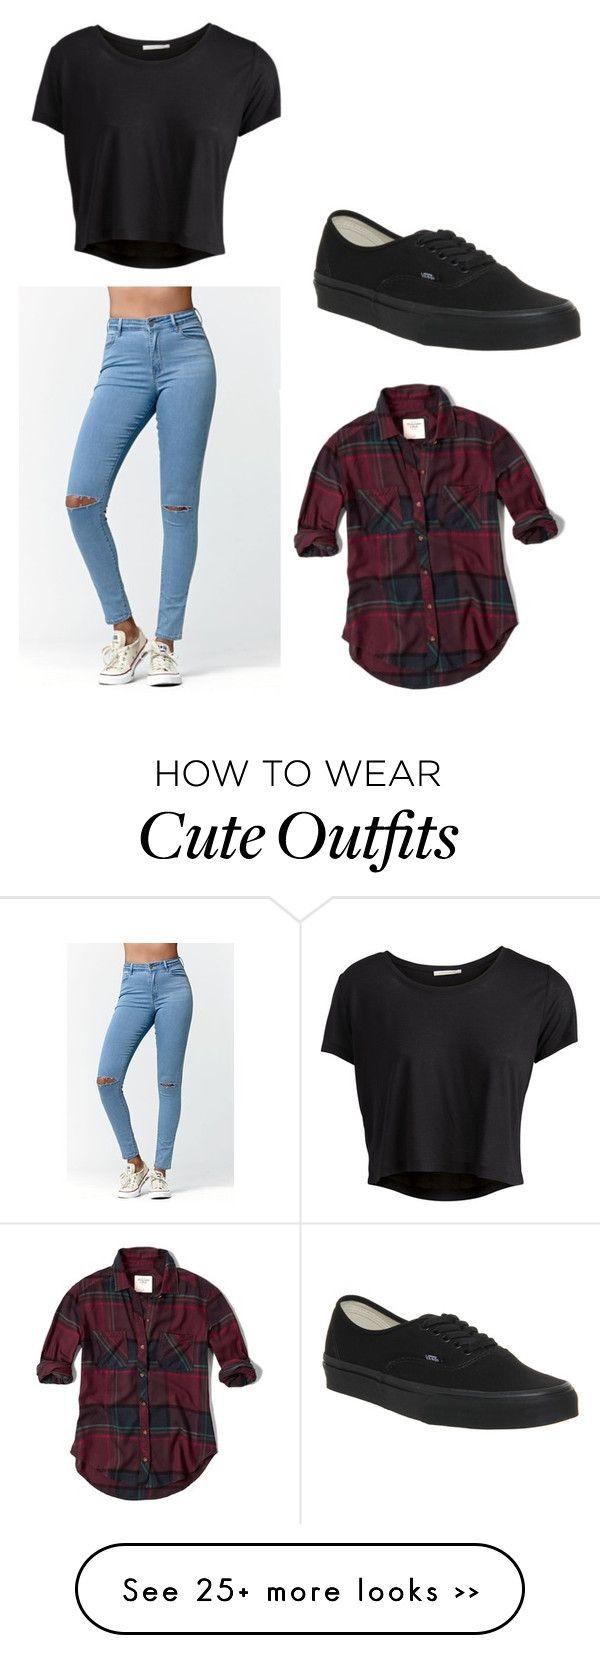 10 Cute u0026 Casual School Outfits | Womenu0026#39;s Fashionizer